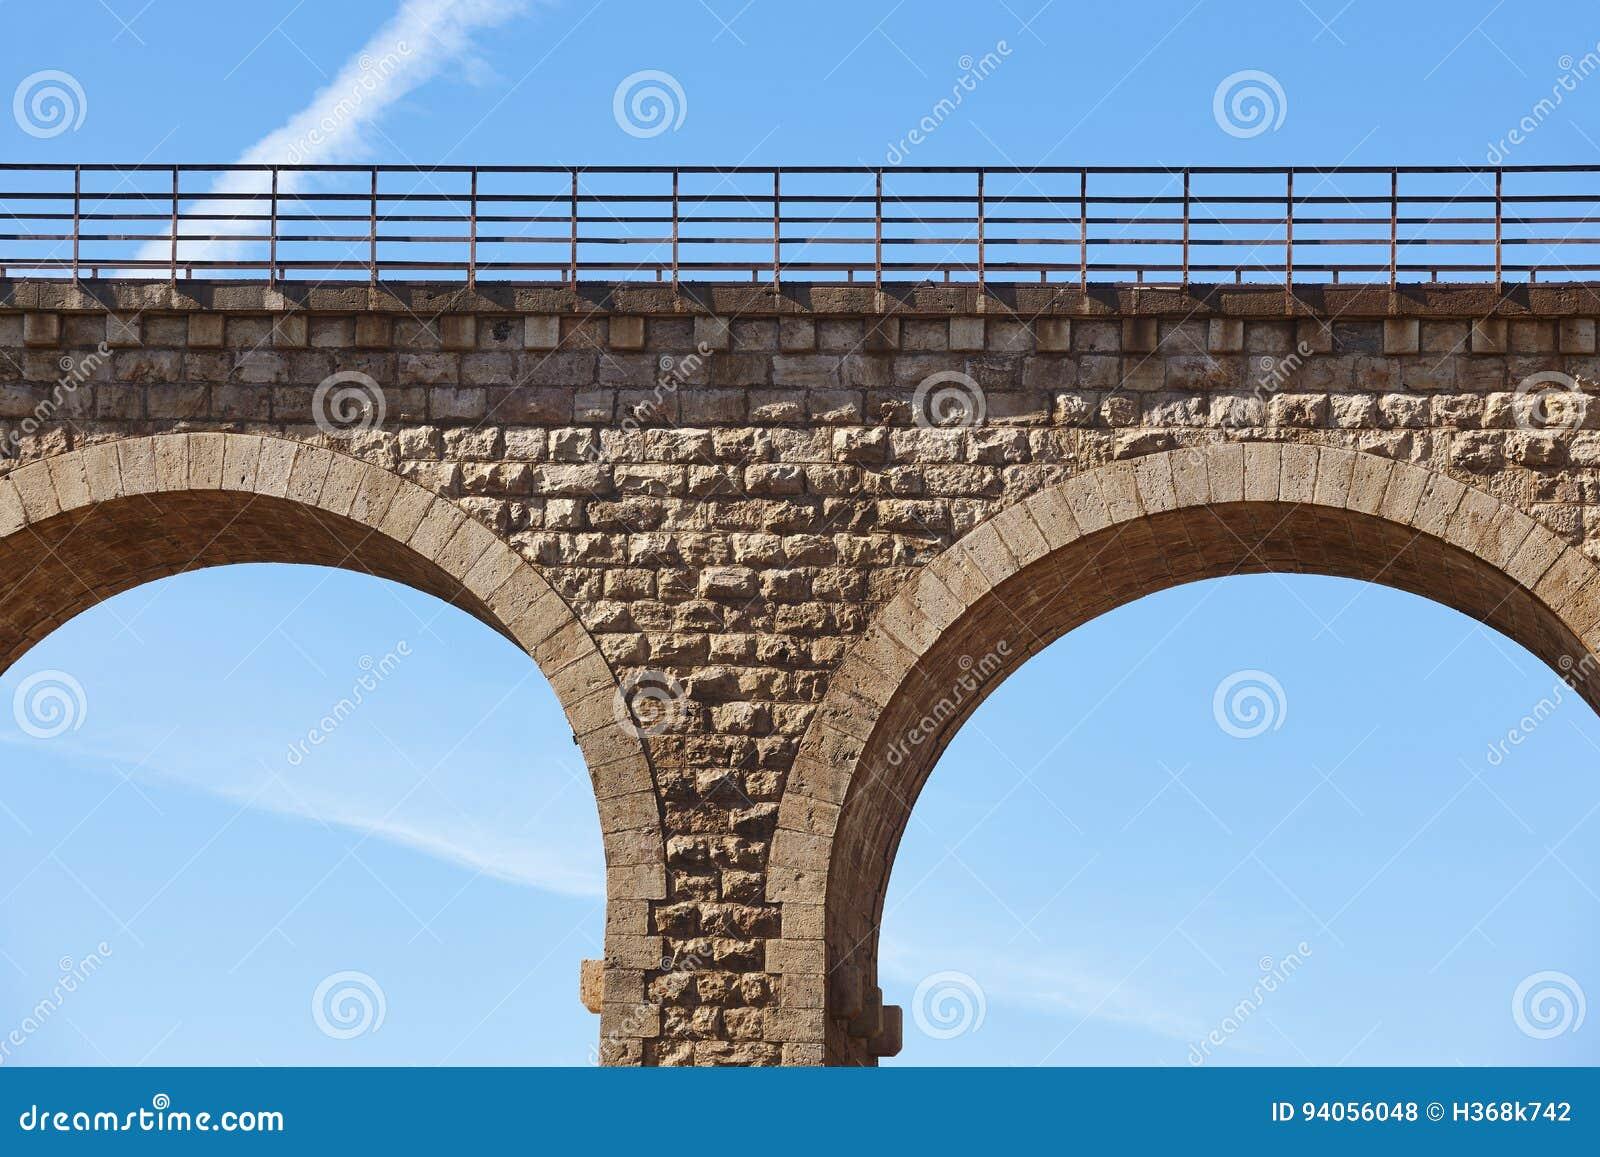 石高架桥细节在阿尔文托萨,特鲁埃尔省 西班牙 绿化方式